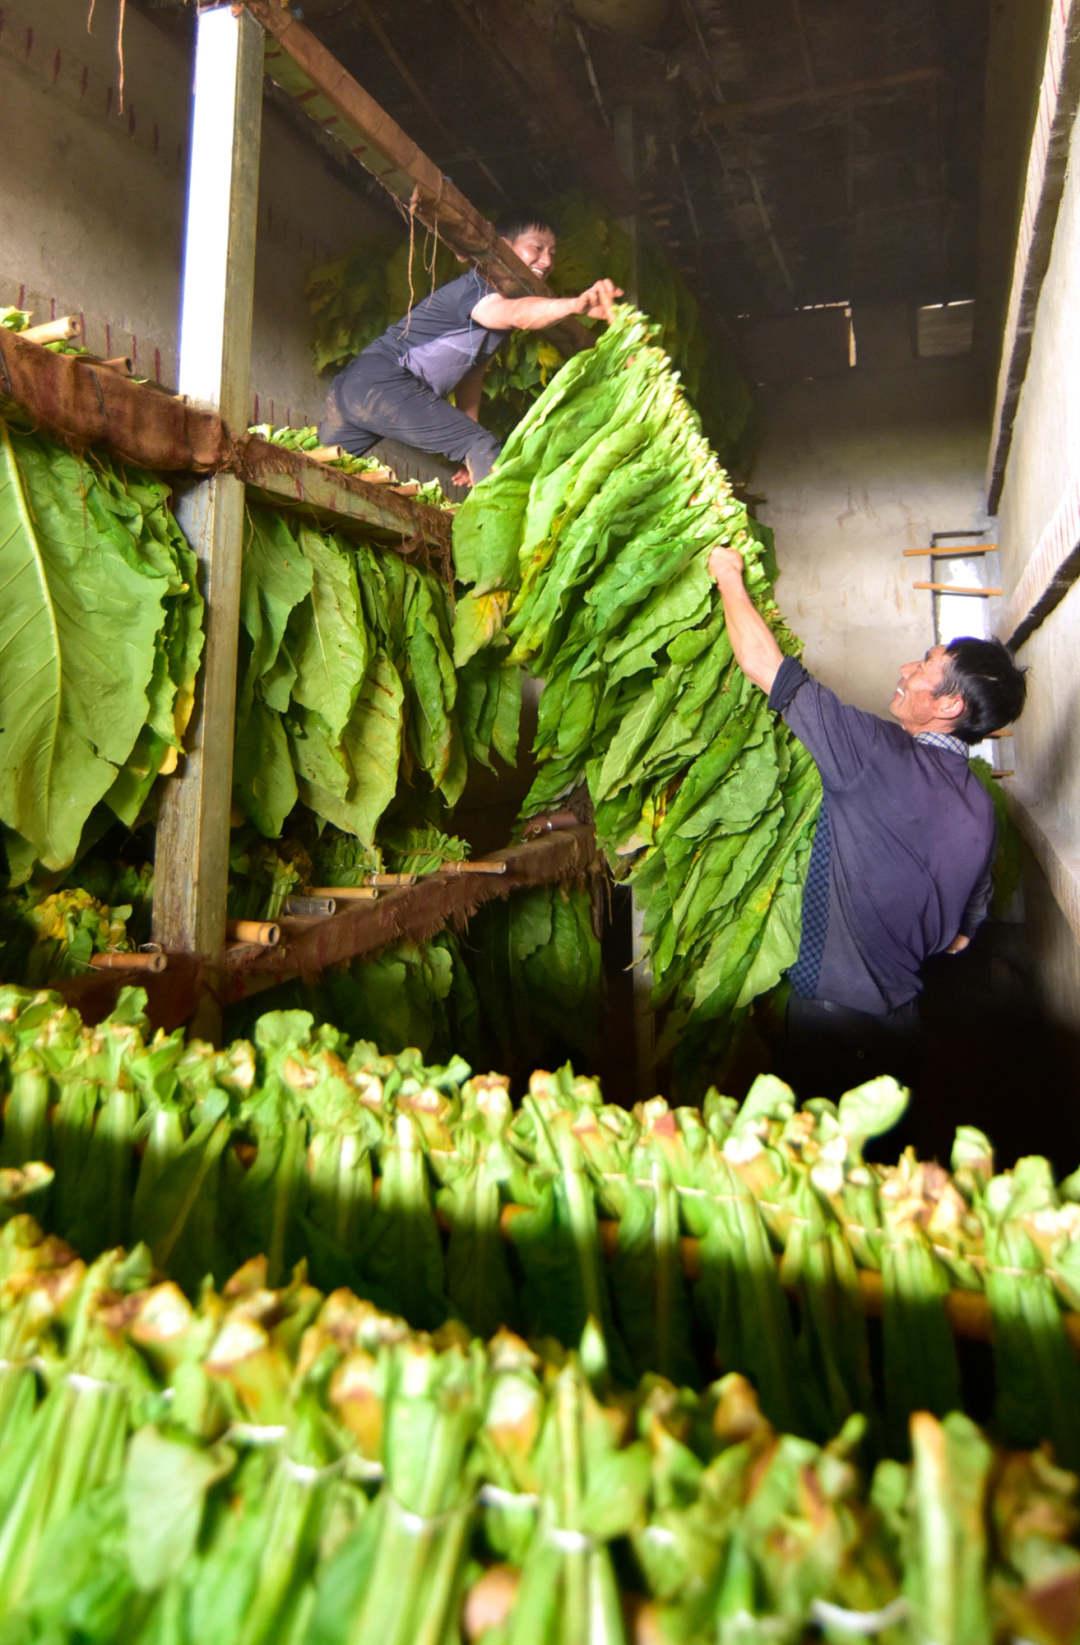 云南弥勒:烟叶飘香 烟农迈向小康路